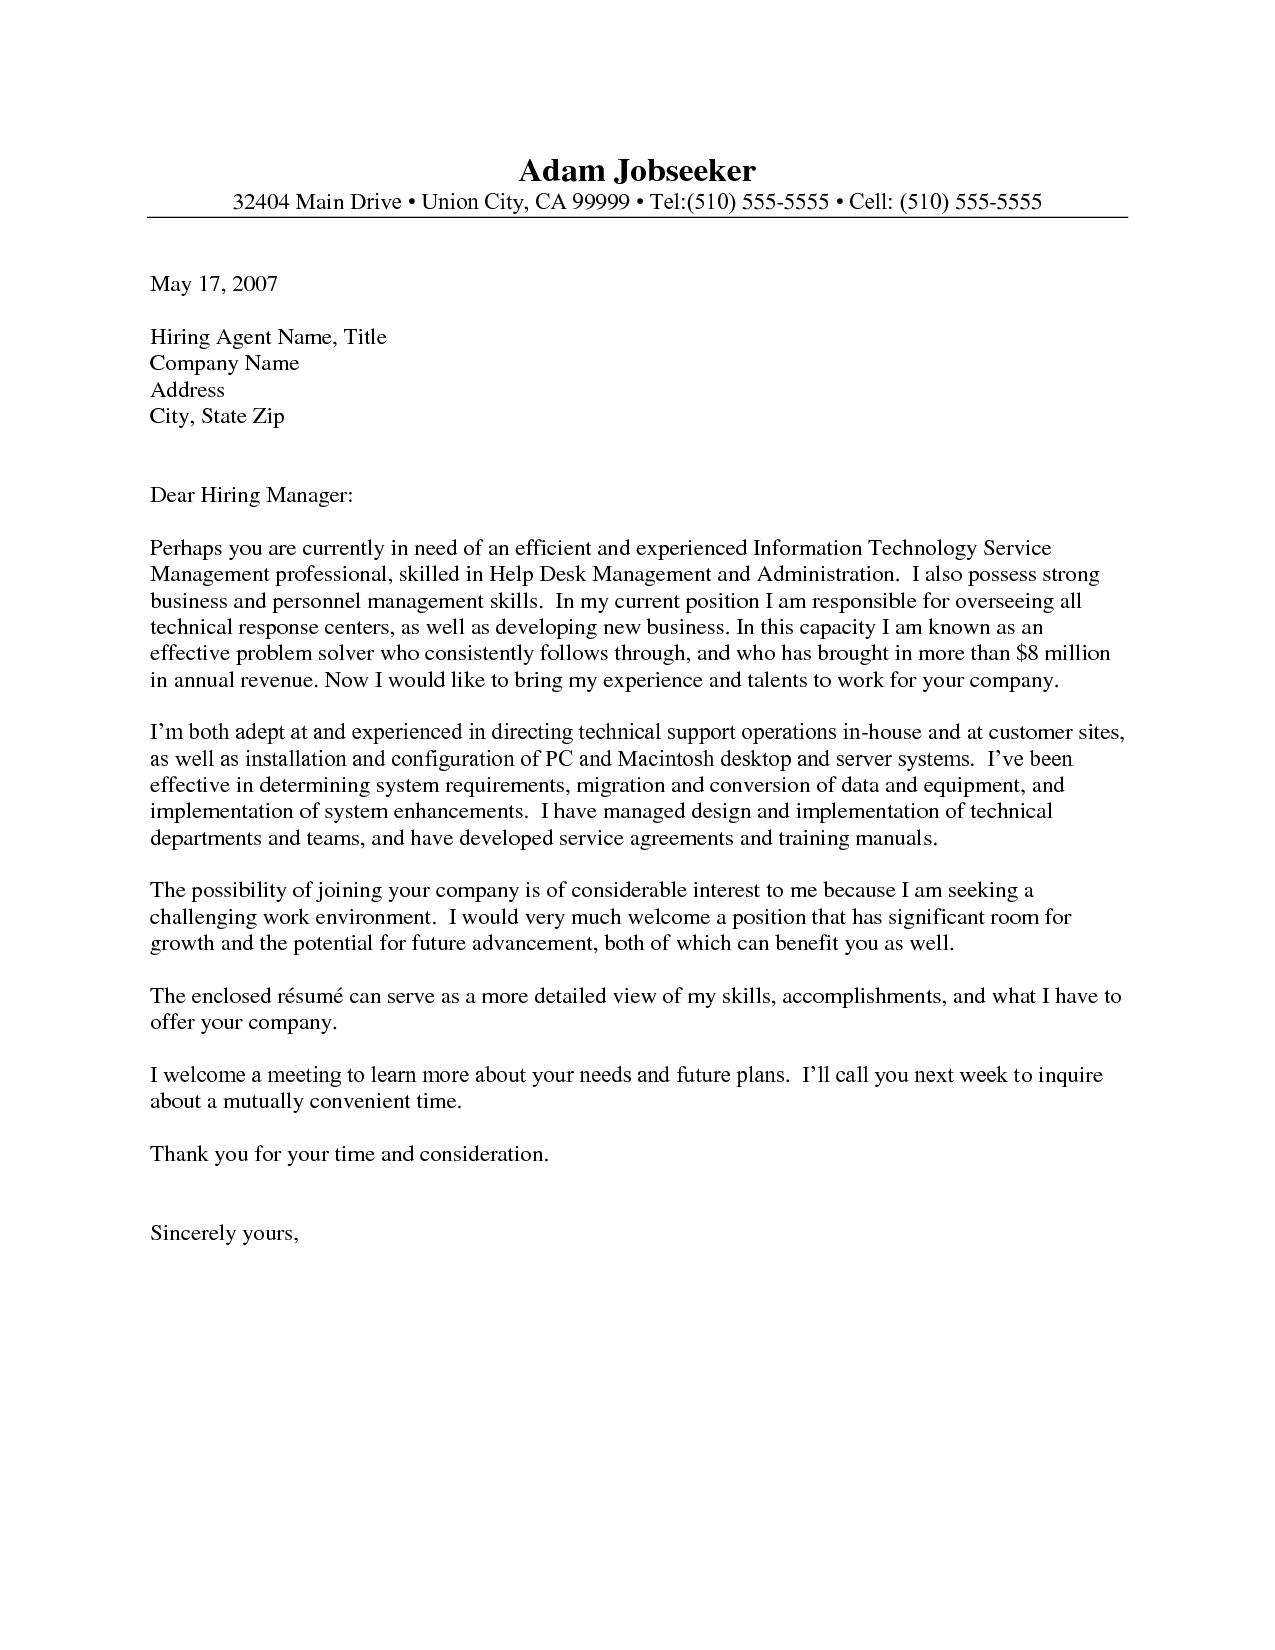 help desk manager cover letter